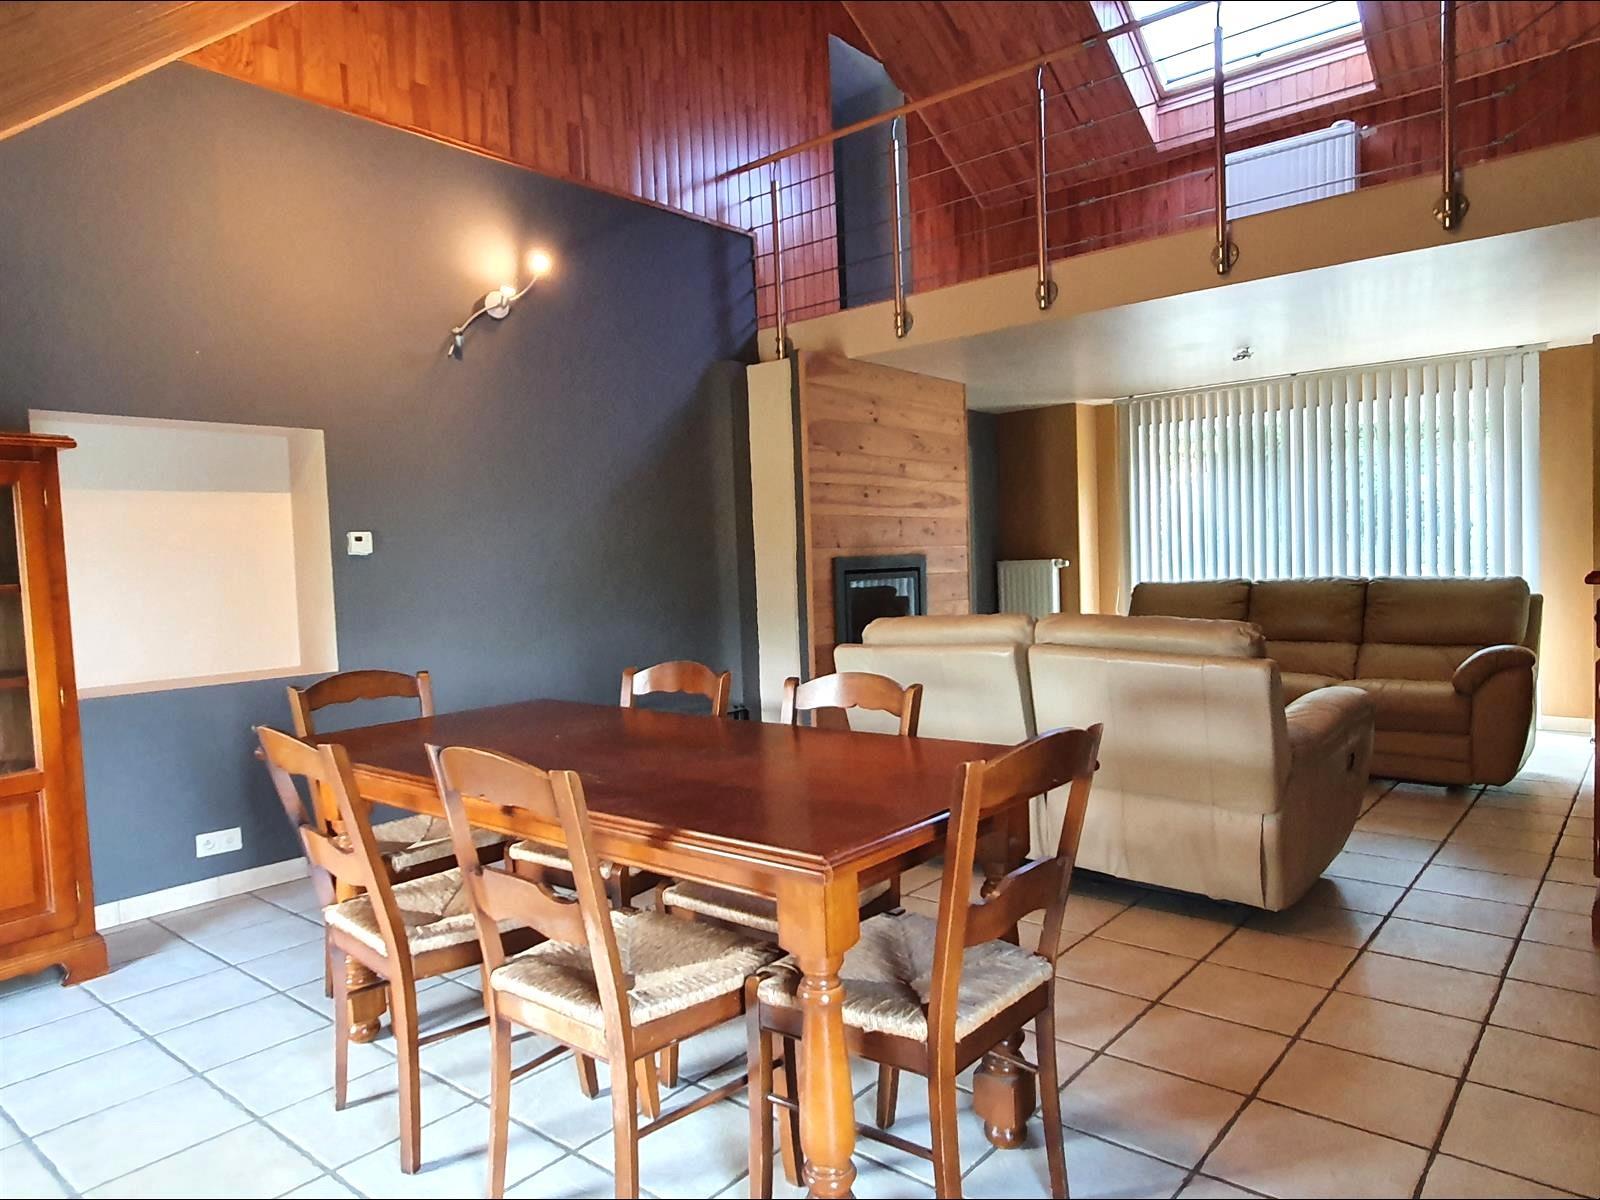 Maison - Jemeppe-sur-Sambre Balâtre - #4363617-2